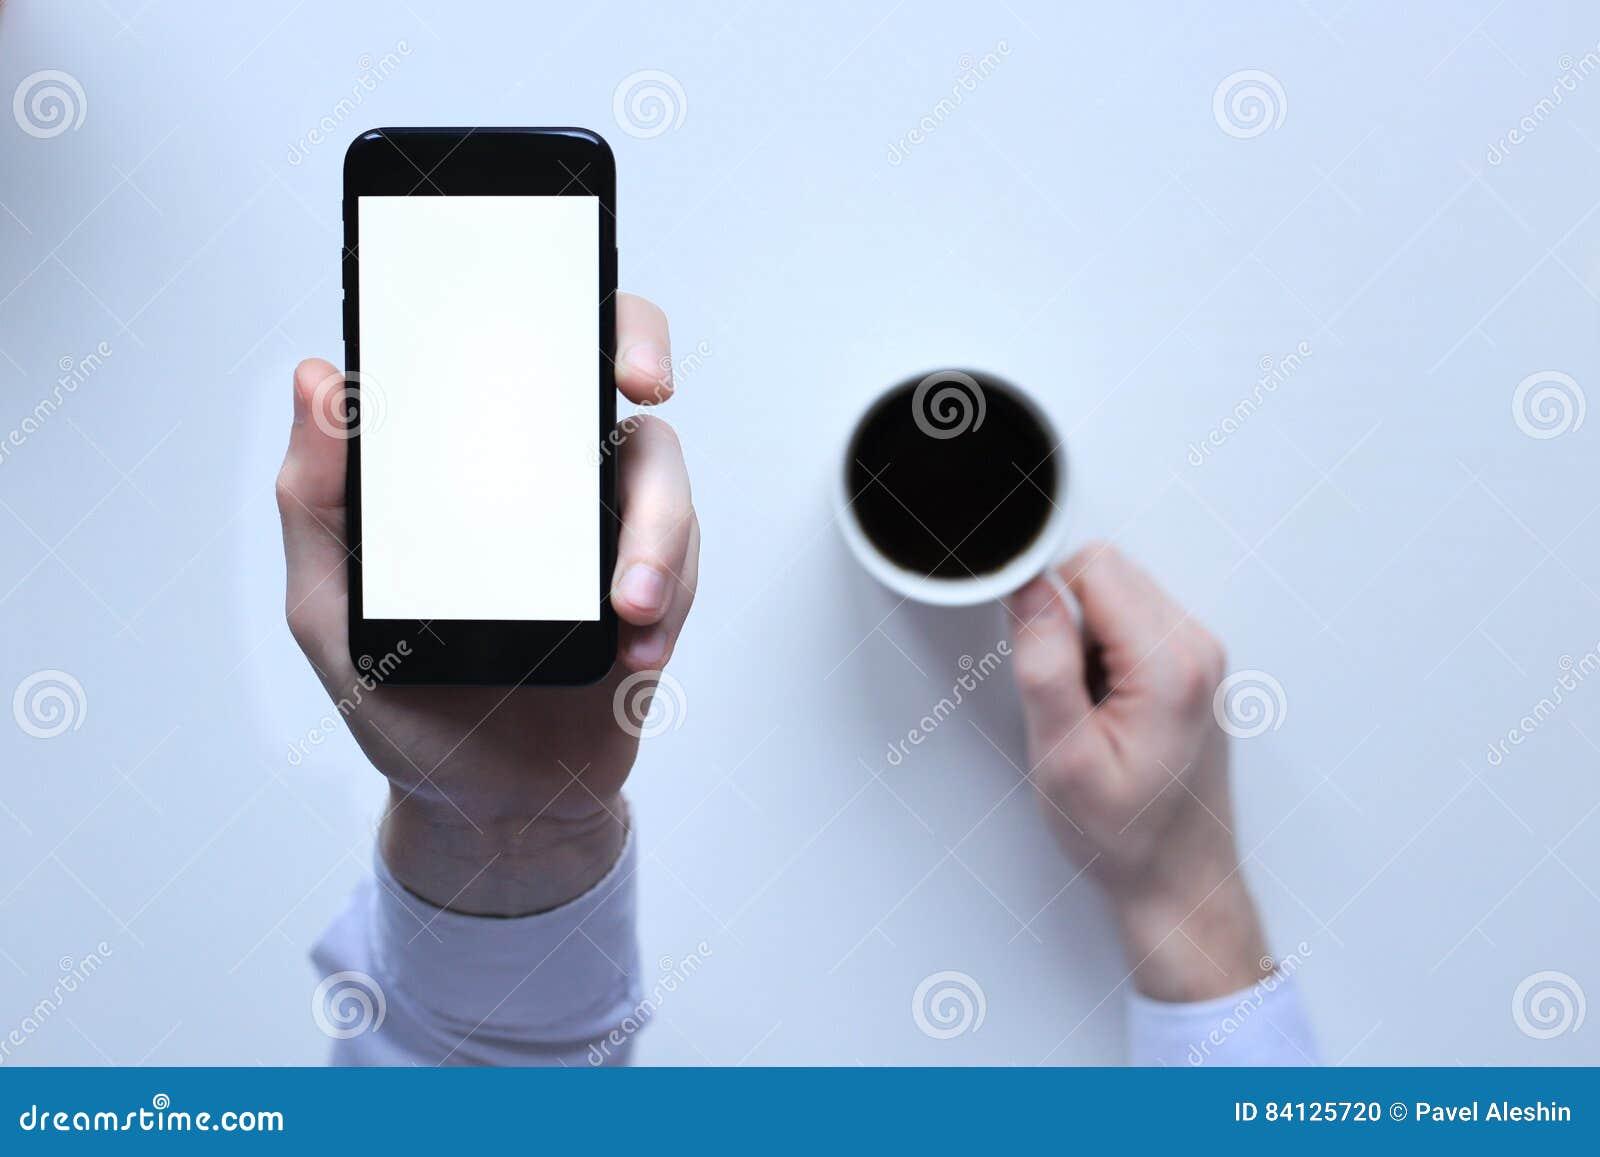 Iphone 7 A Disposition Sur Un Fond Blanc Cuvette De Cafe Blanche